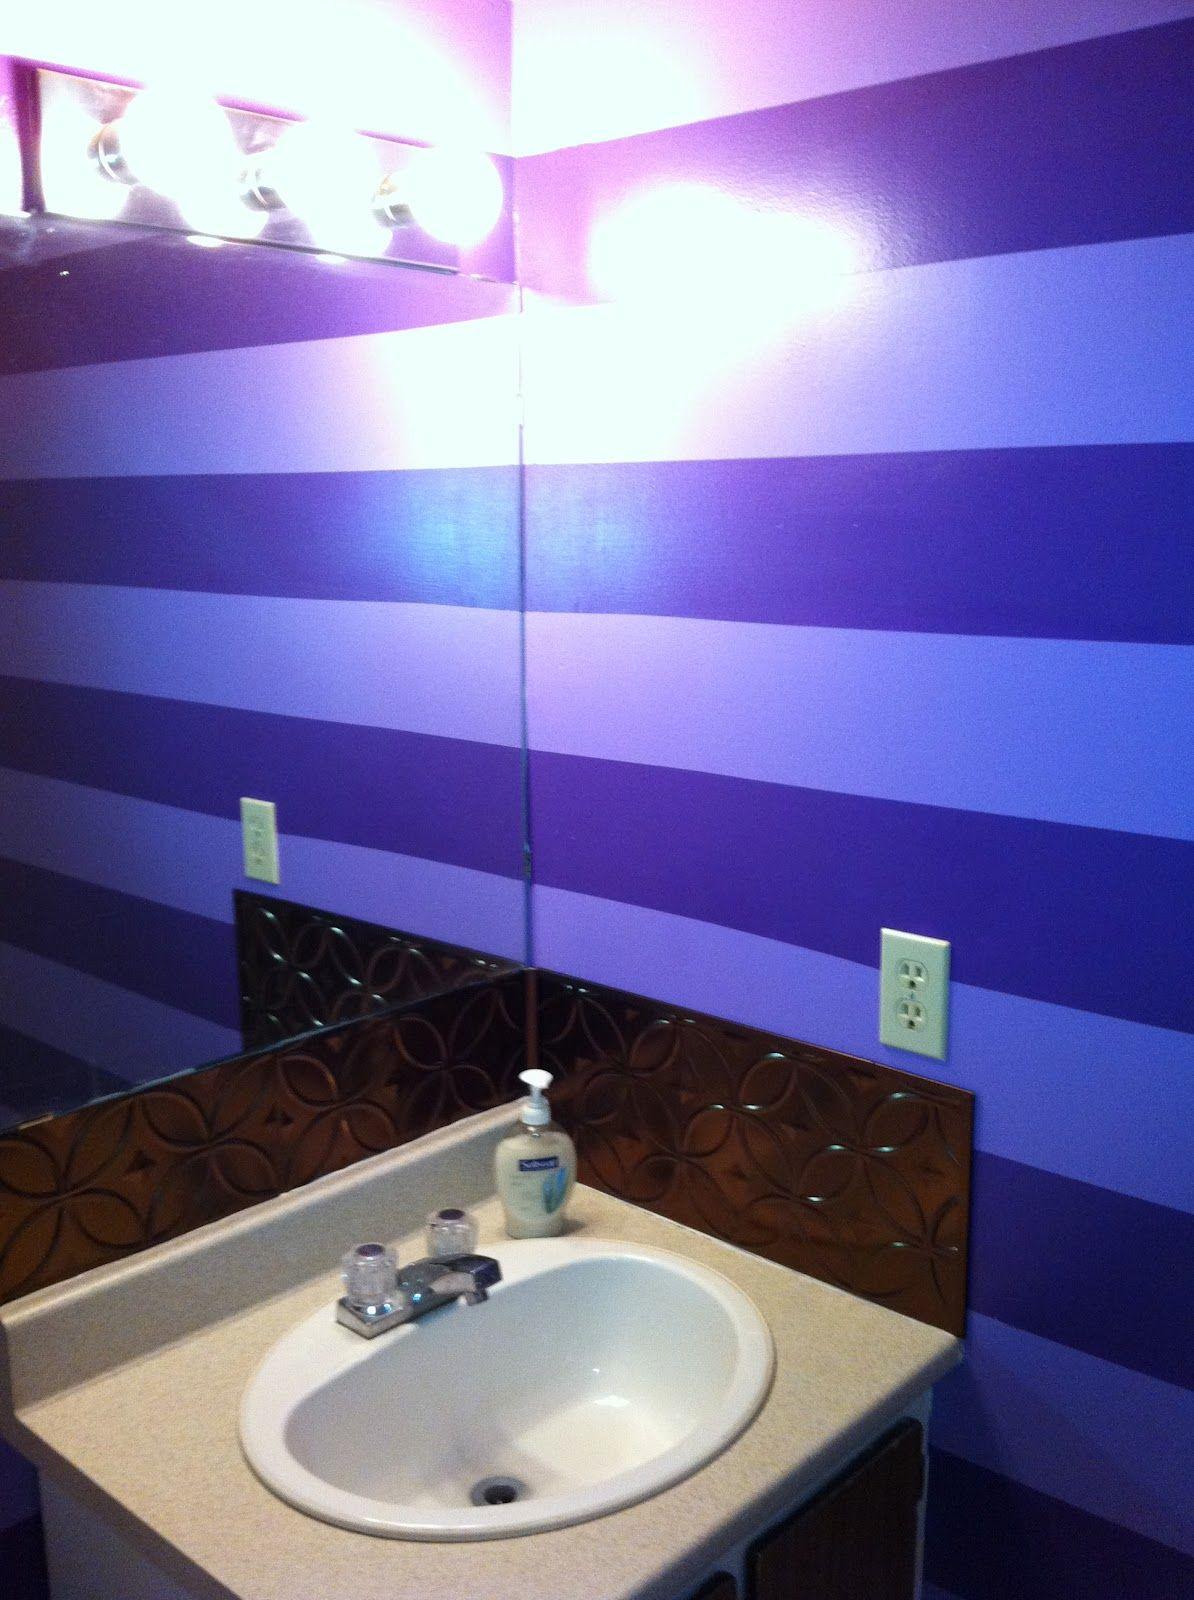 Awesome purple bathroom | Purple bathrooms, Lighted ...